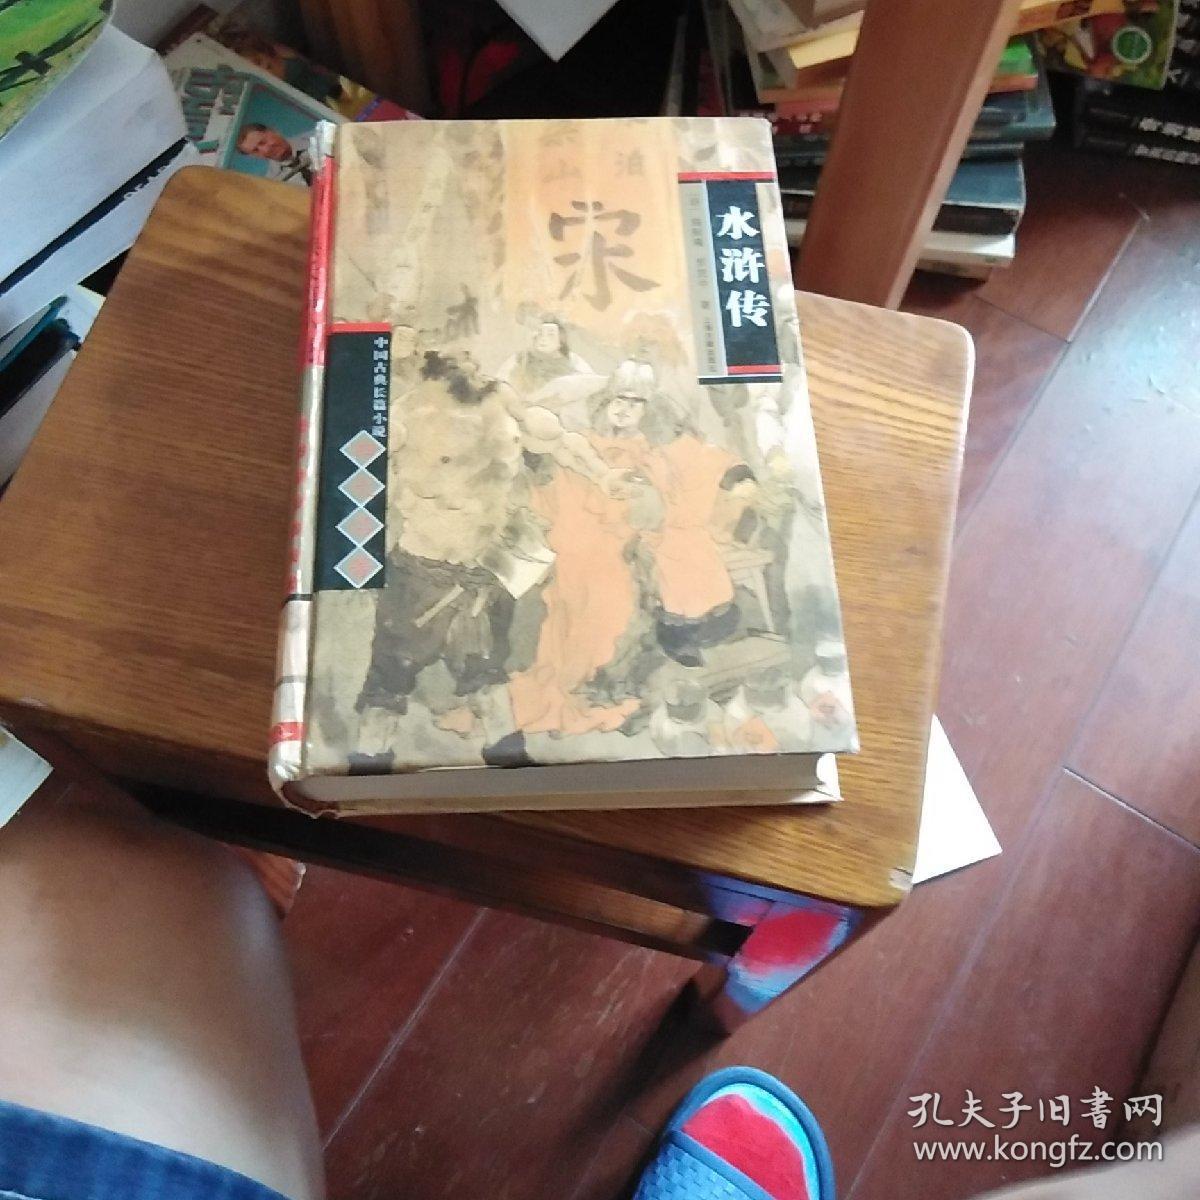 中国古典长篇小说四大名著:水浒传